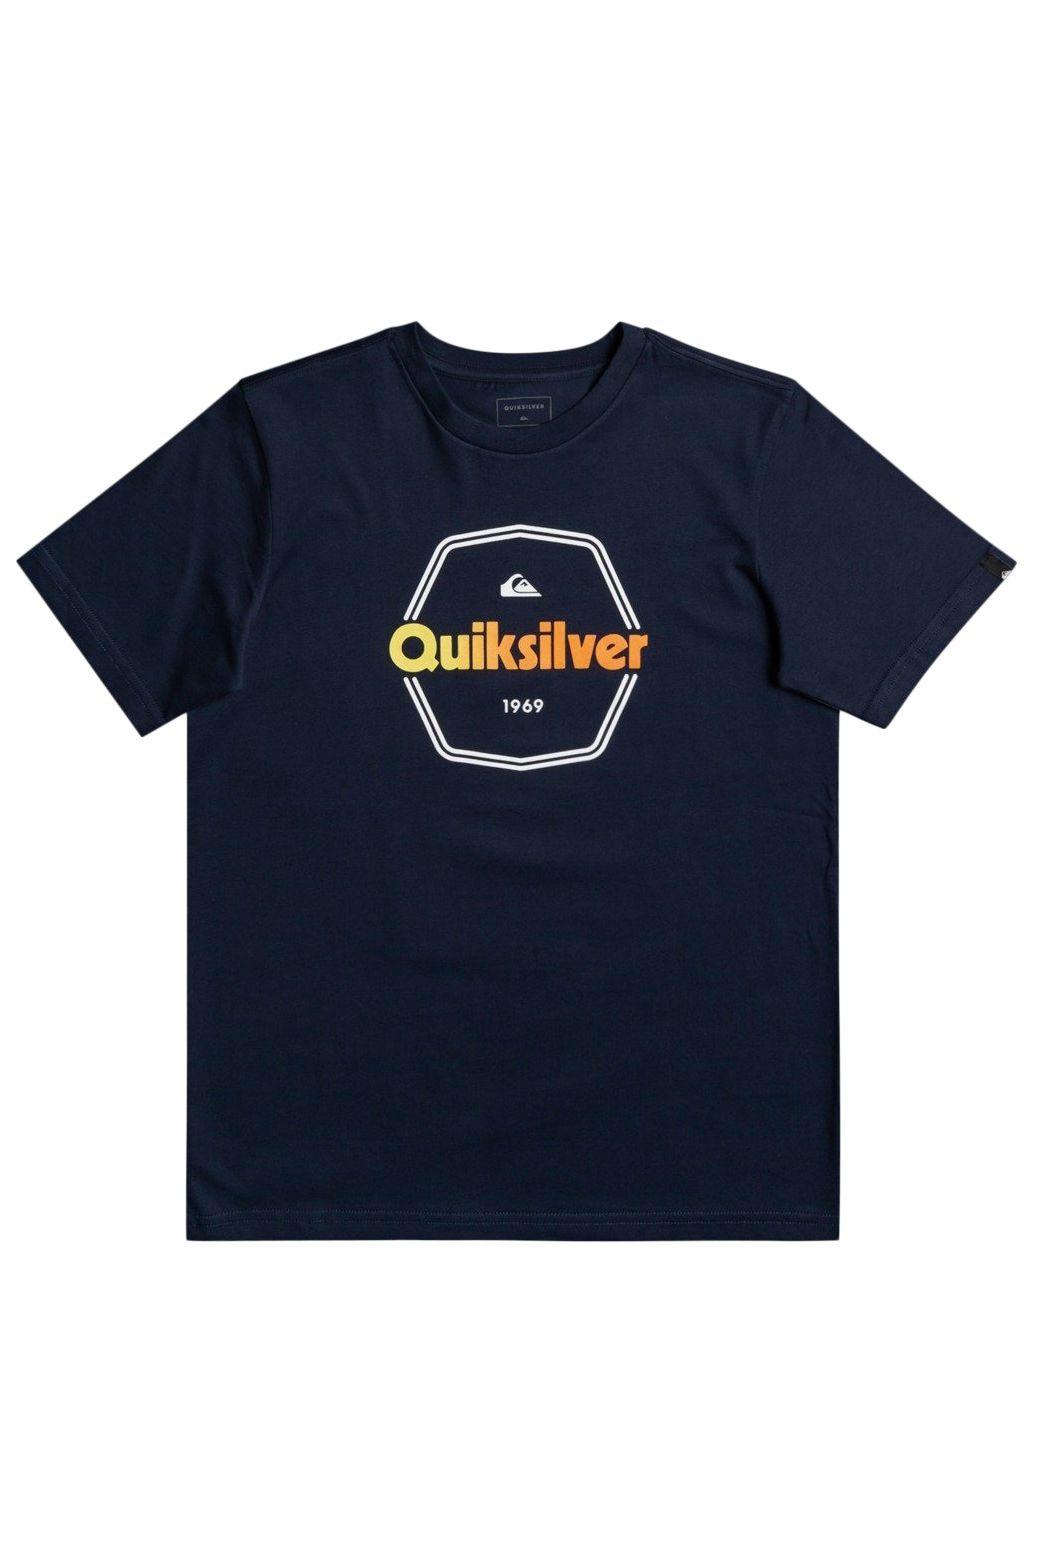 T-Shirt Quiksilver HARD WIRED Navy Blazer